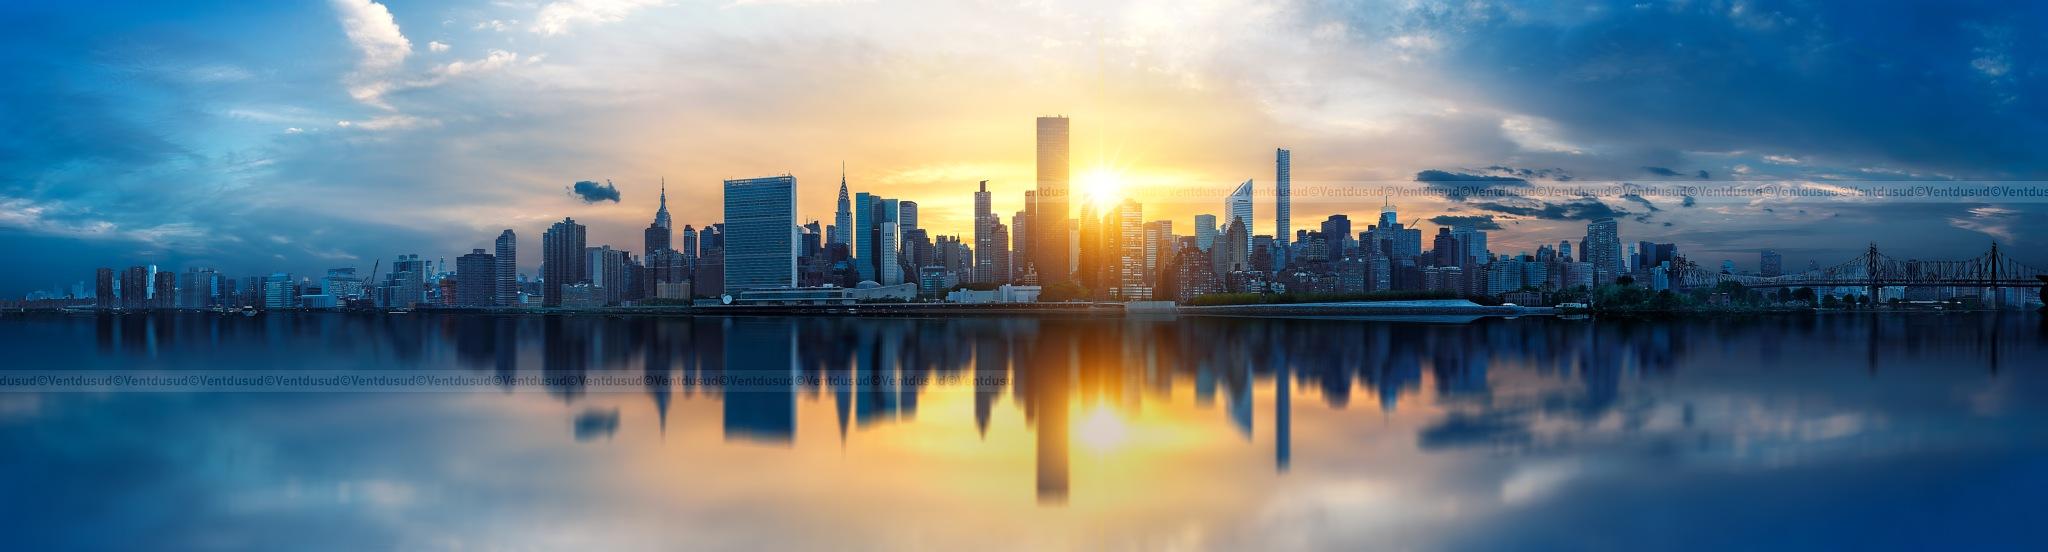 New York City skyline by ventdusud